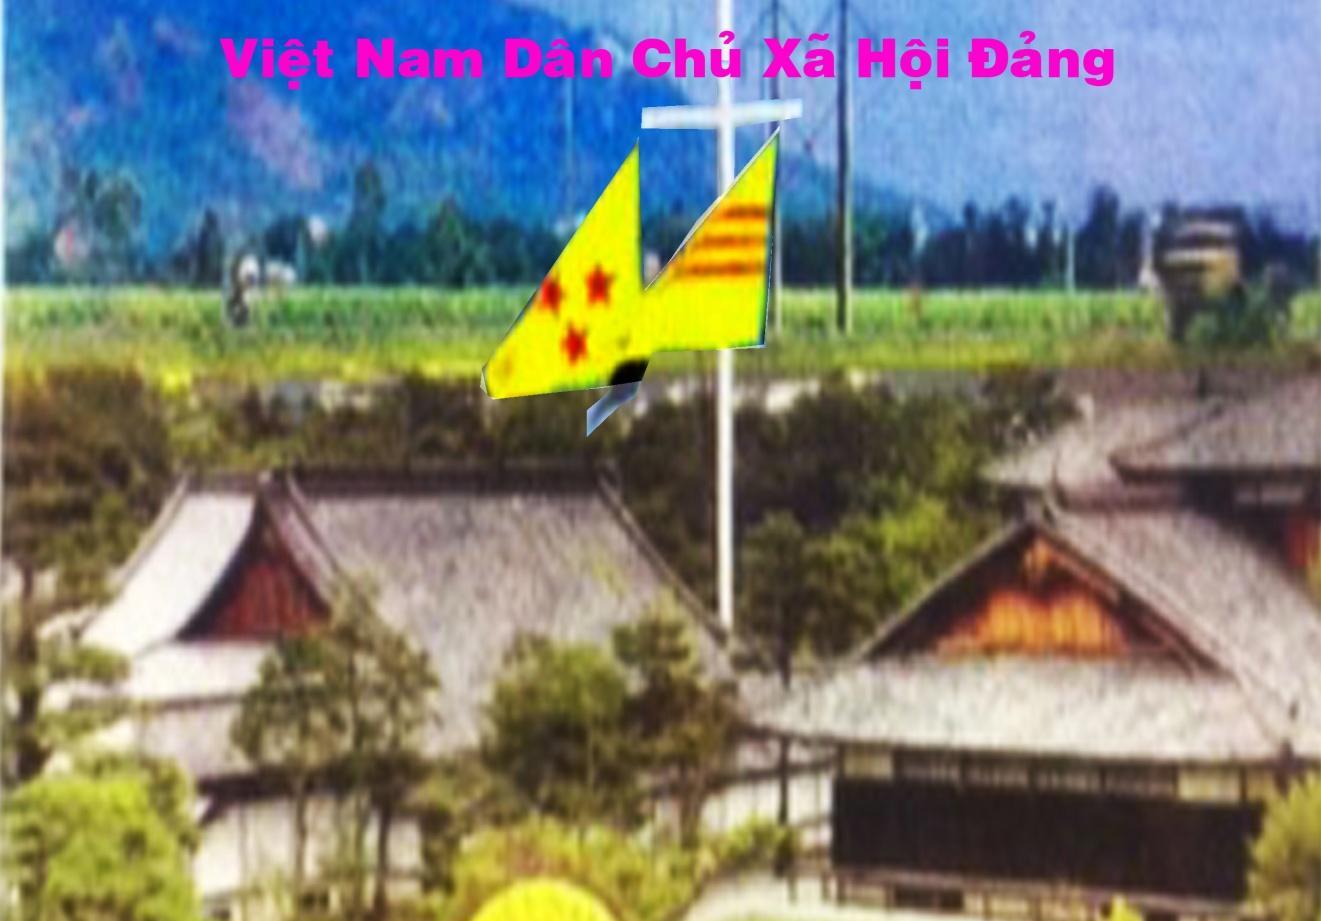 Viet nam Dan Chu Xa hoi dang